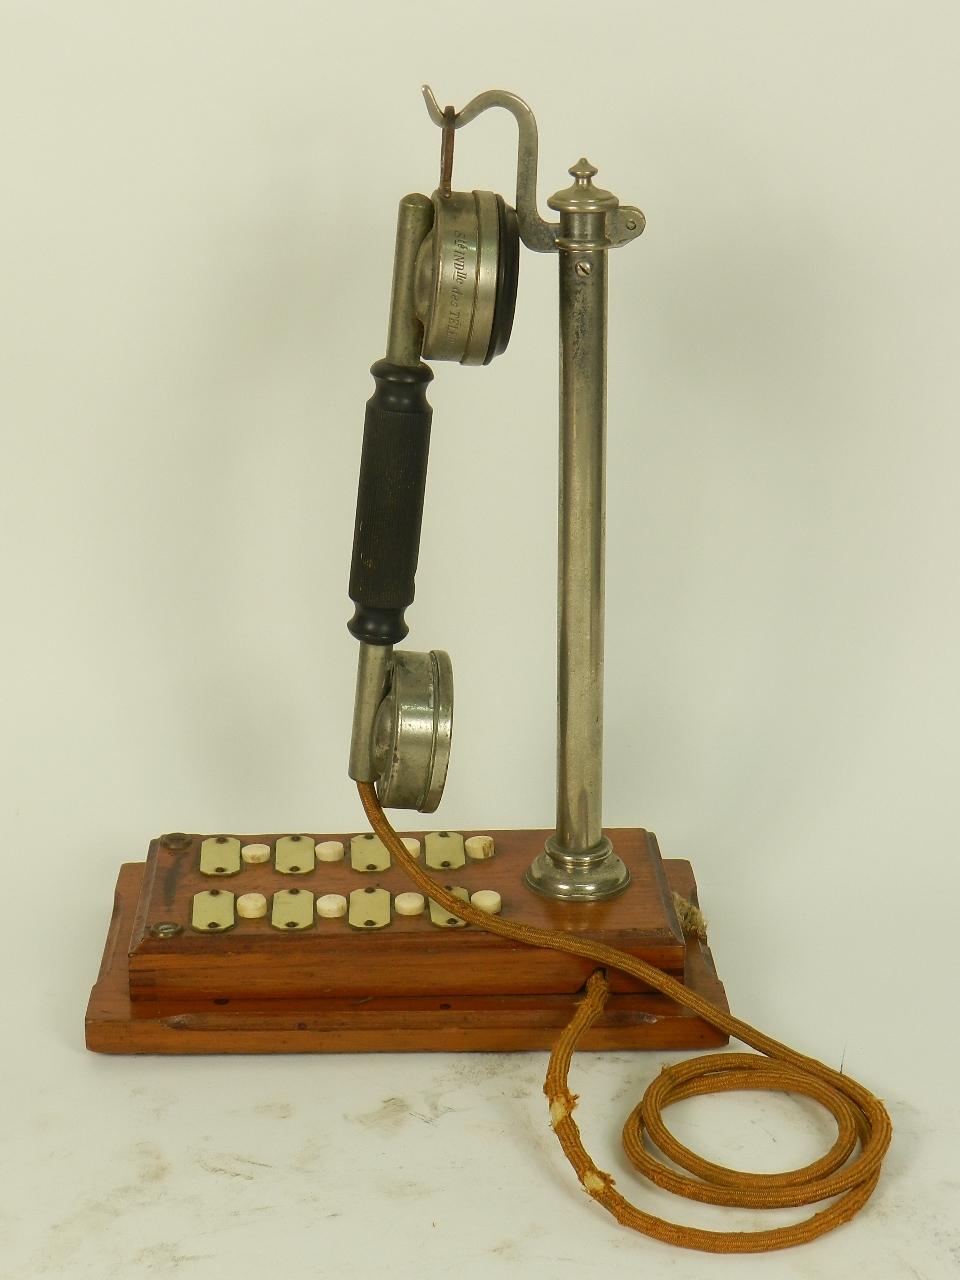 Imagen TELEFONO SIT AÑO 1920 29485